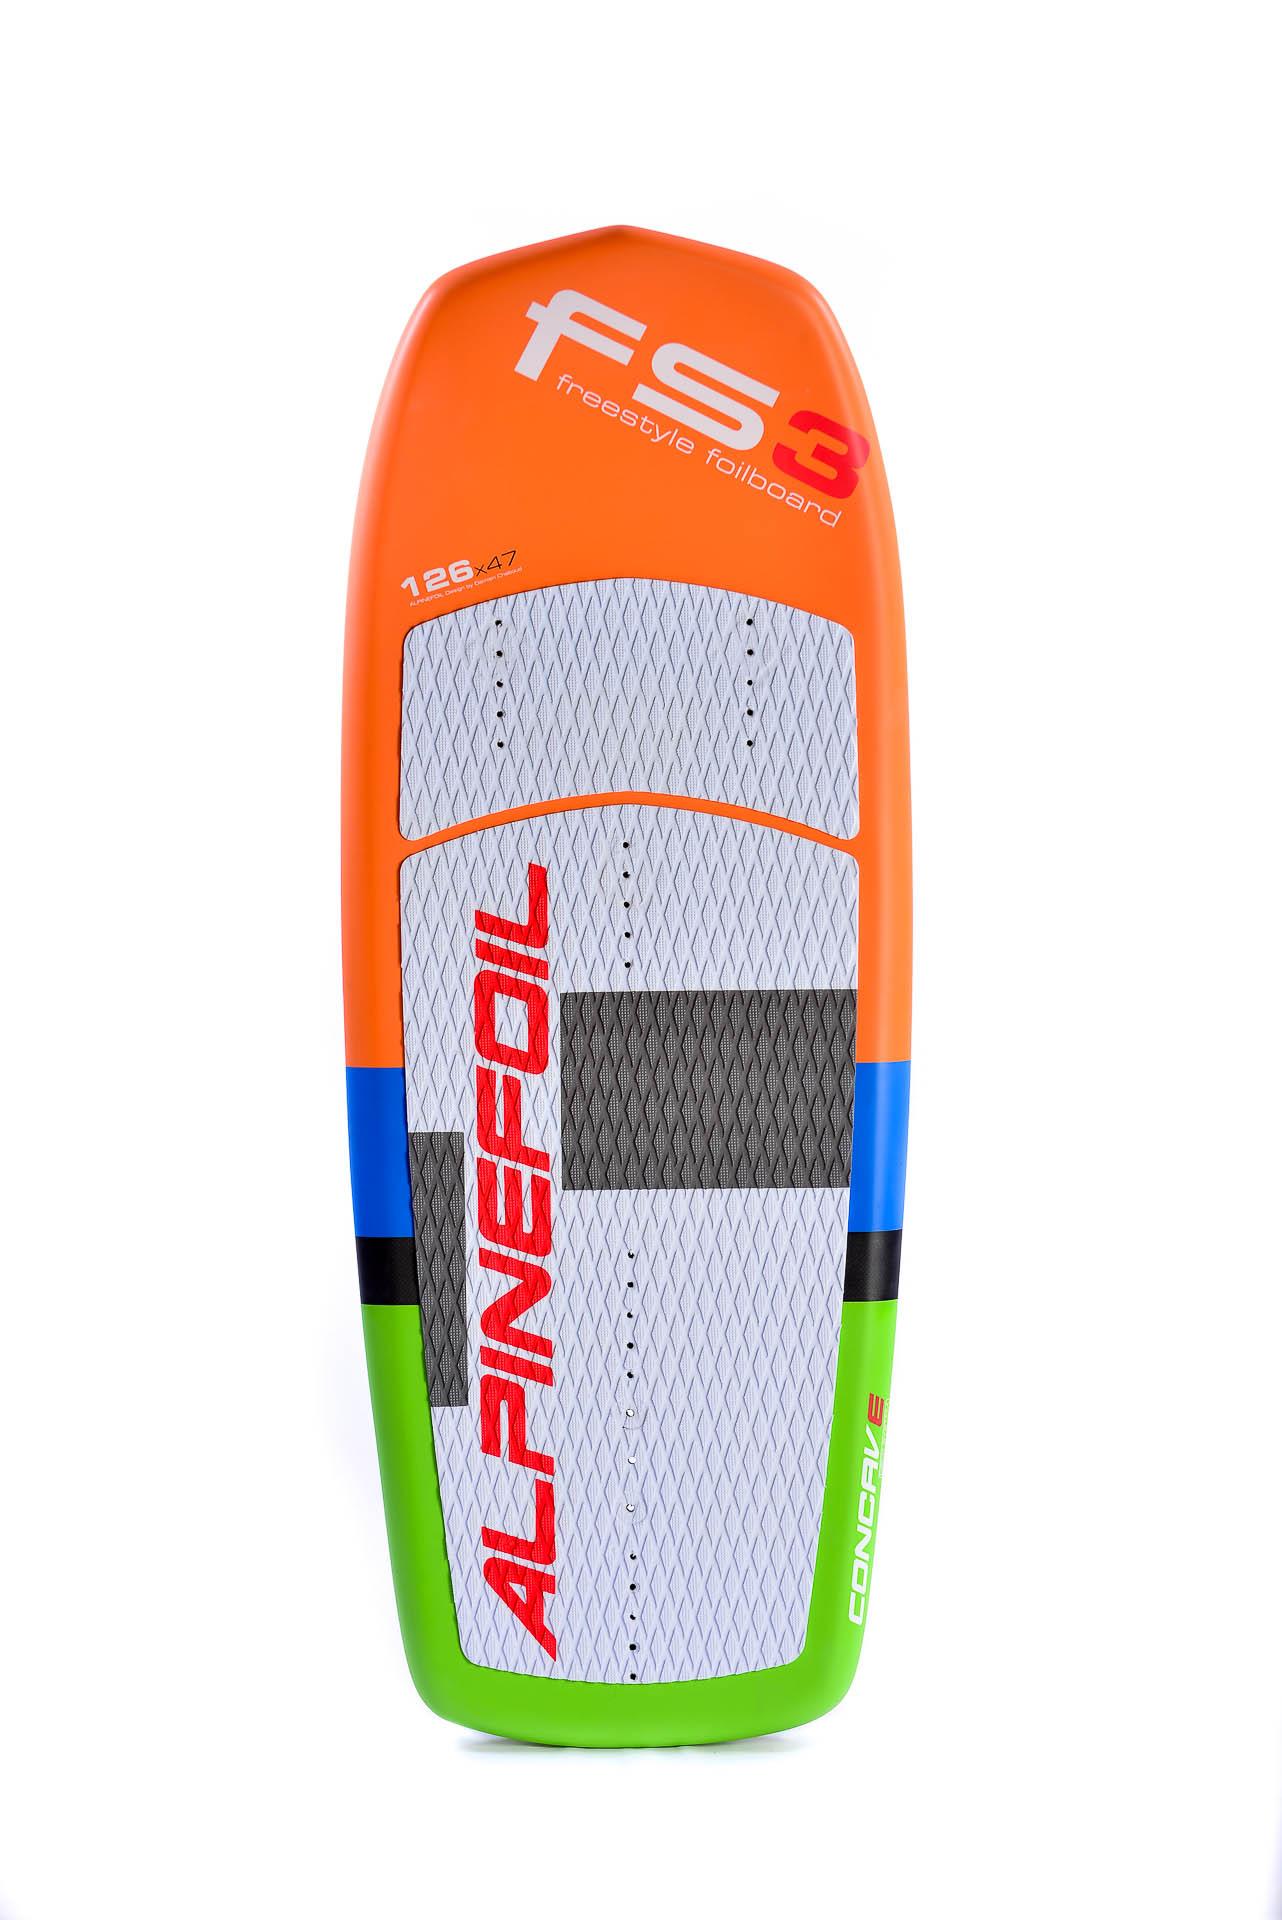 Kitefoil board alpinefoil 8961